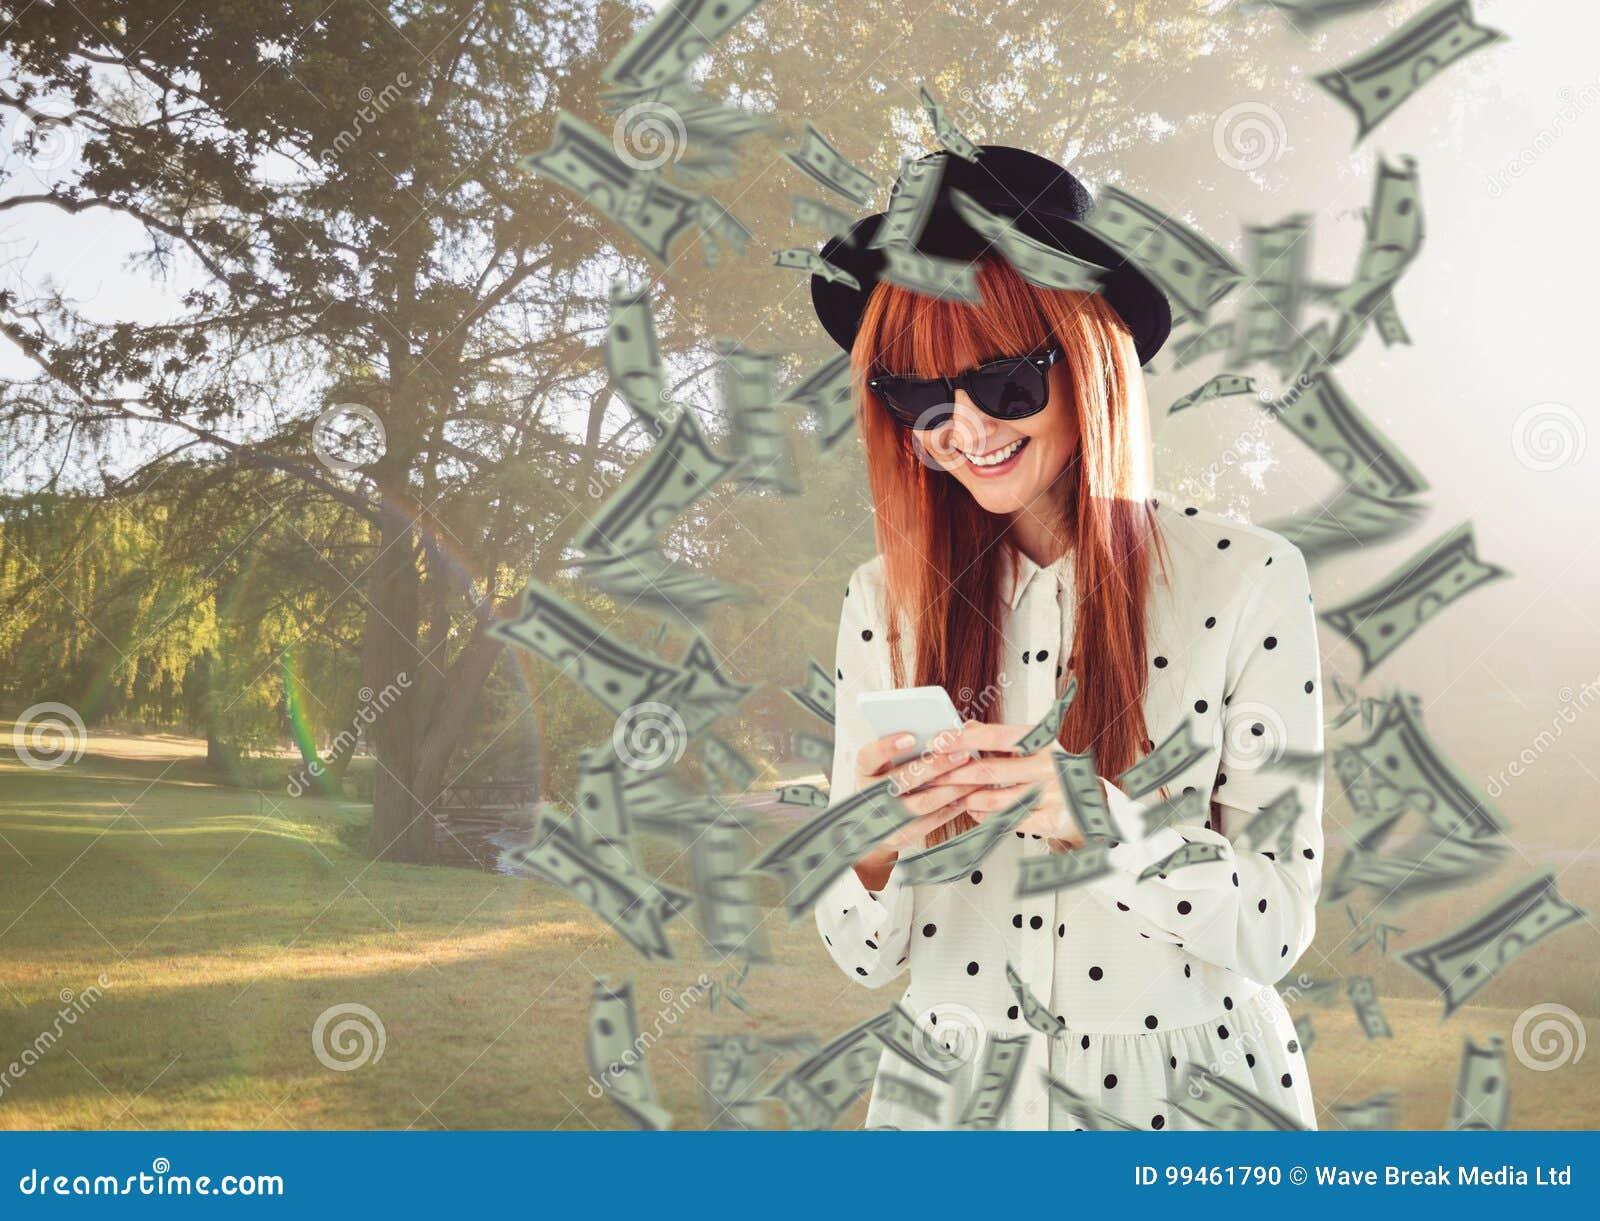 Texting geld hipster met rond hoed en telefoon in het park, geld